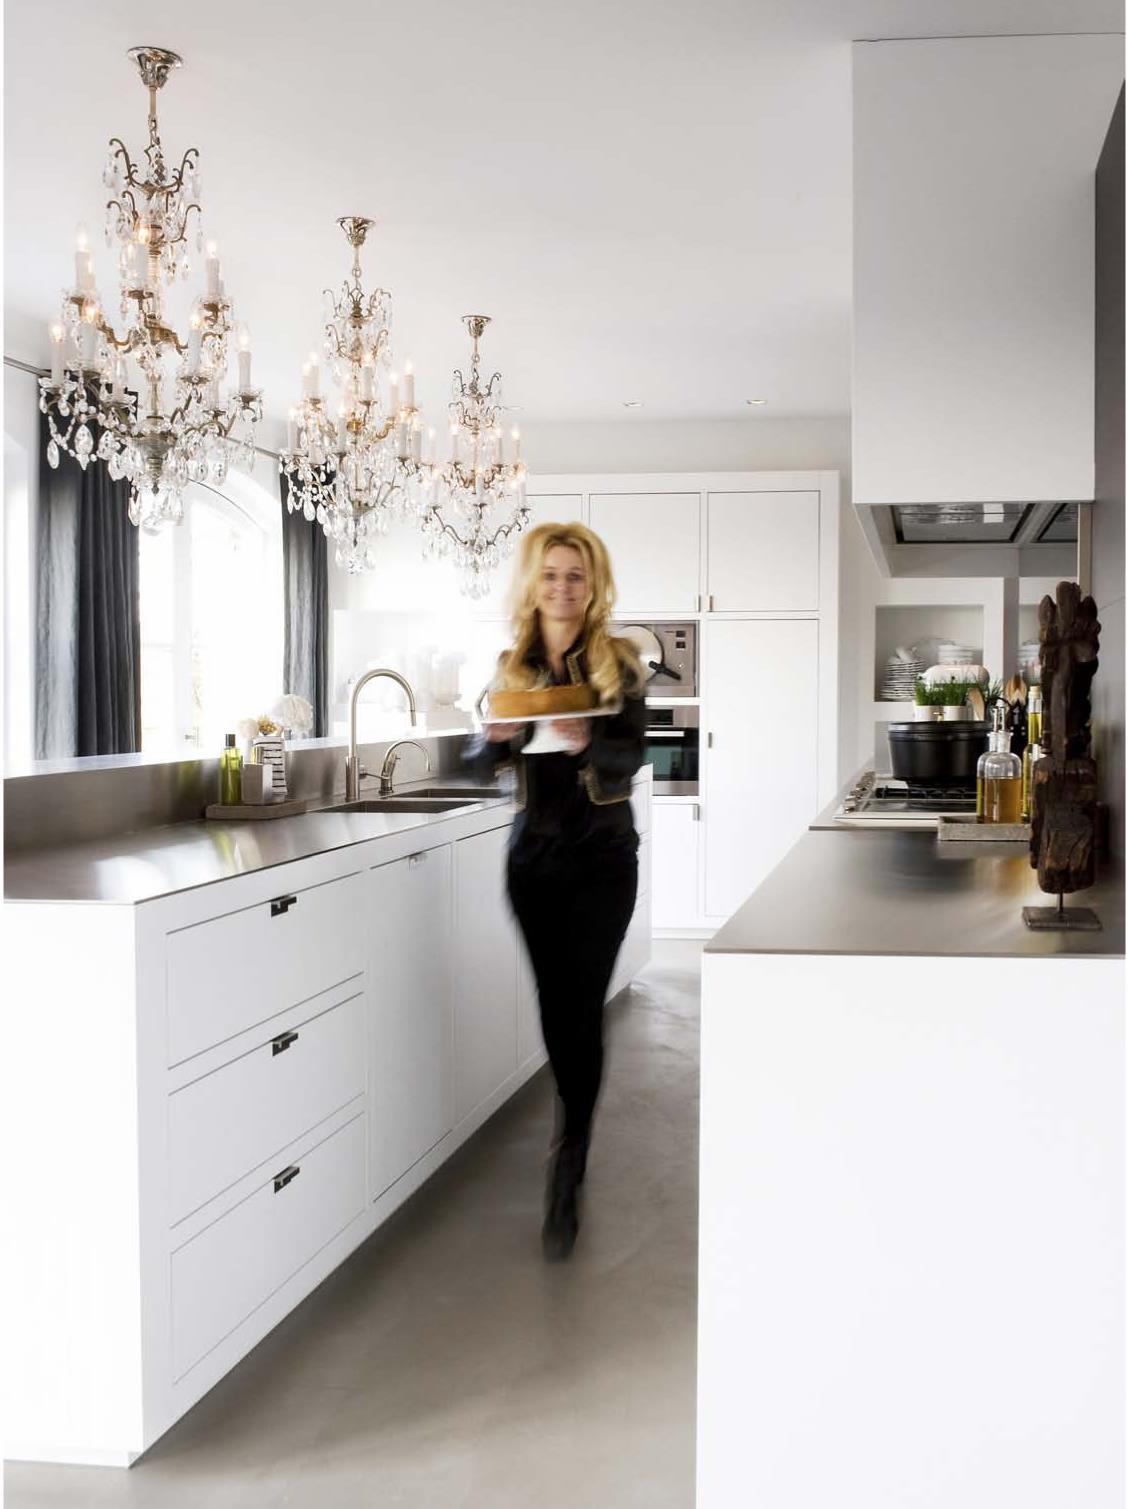 Keuken Uitbreiden Met Veranda : Keuken Piet Boon Stijl : Strakke moderne maatwerk keuken in Piet boon